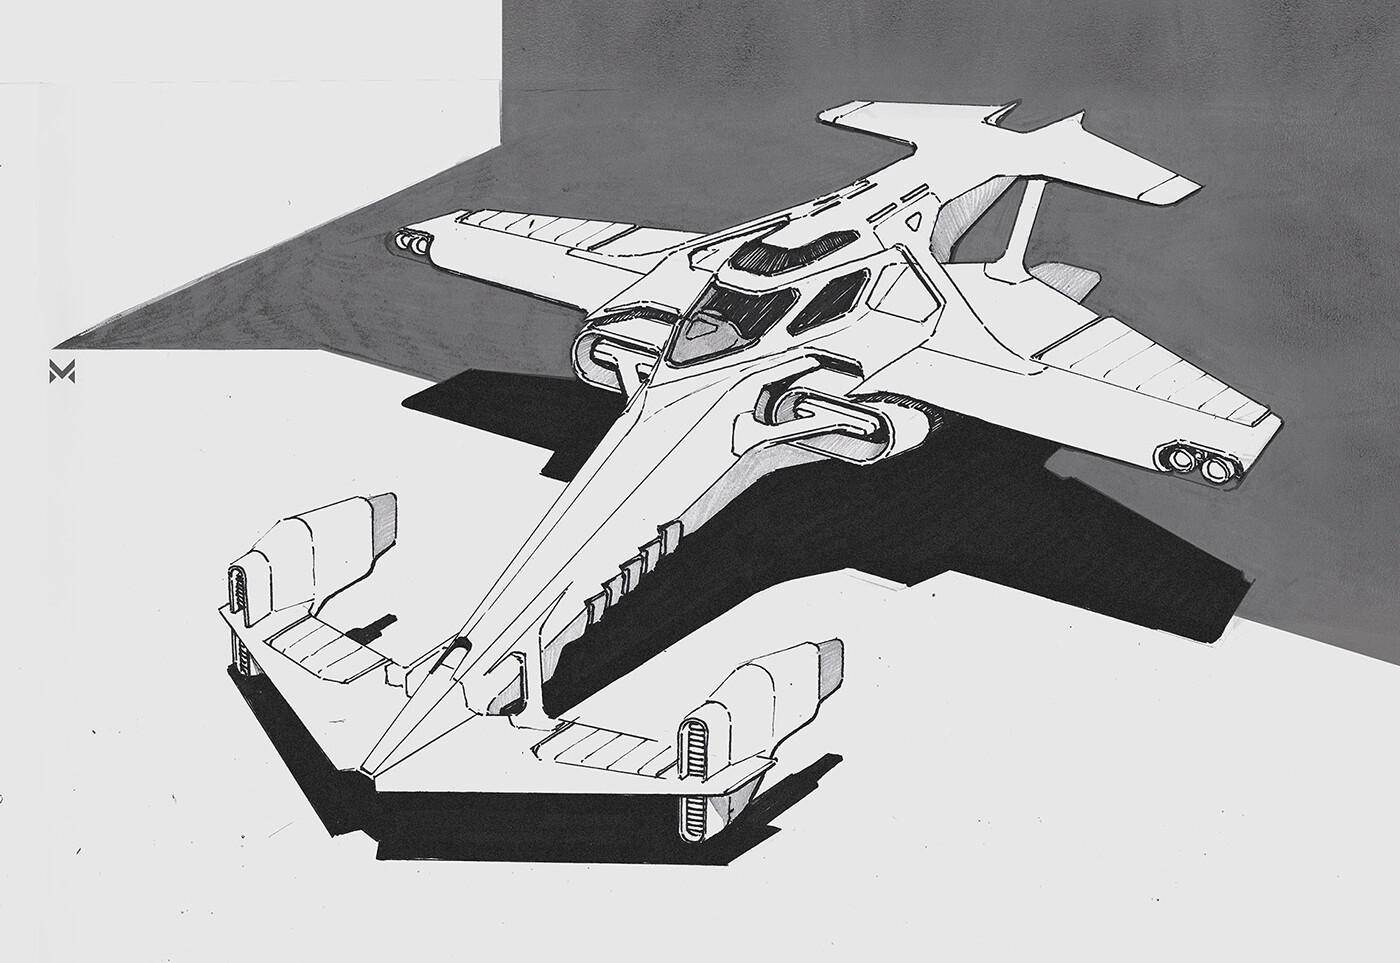 Spacecraft 'Swordfish II' - inspired by the anime series 'Cowboy Bebop'